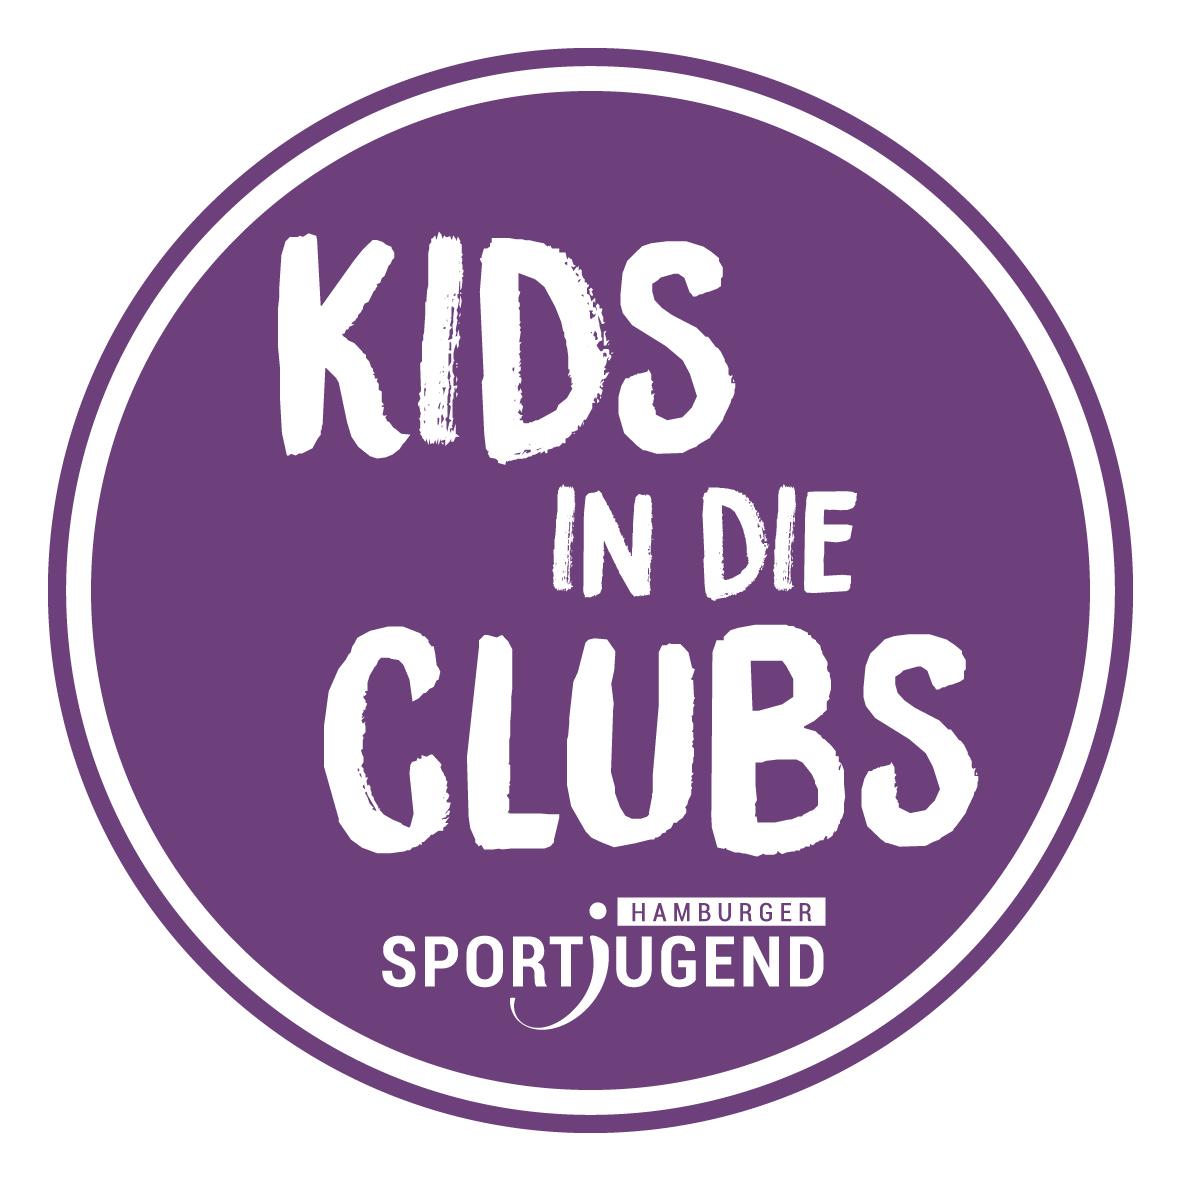 KIDC_Logo3